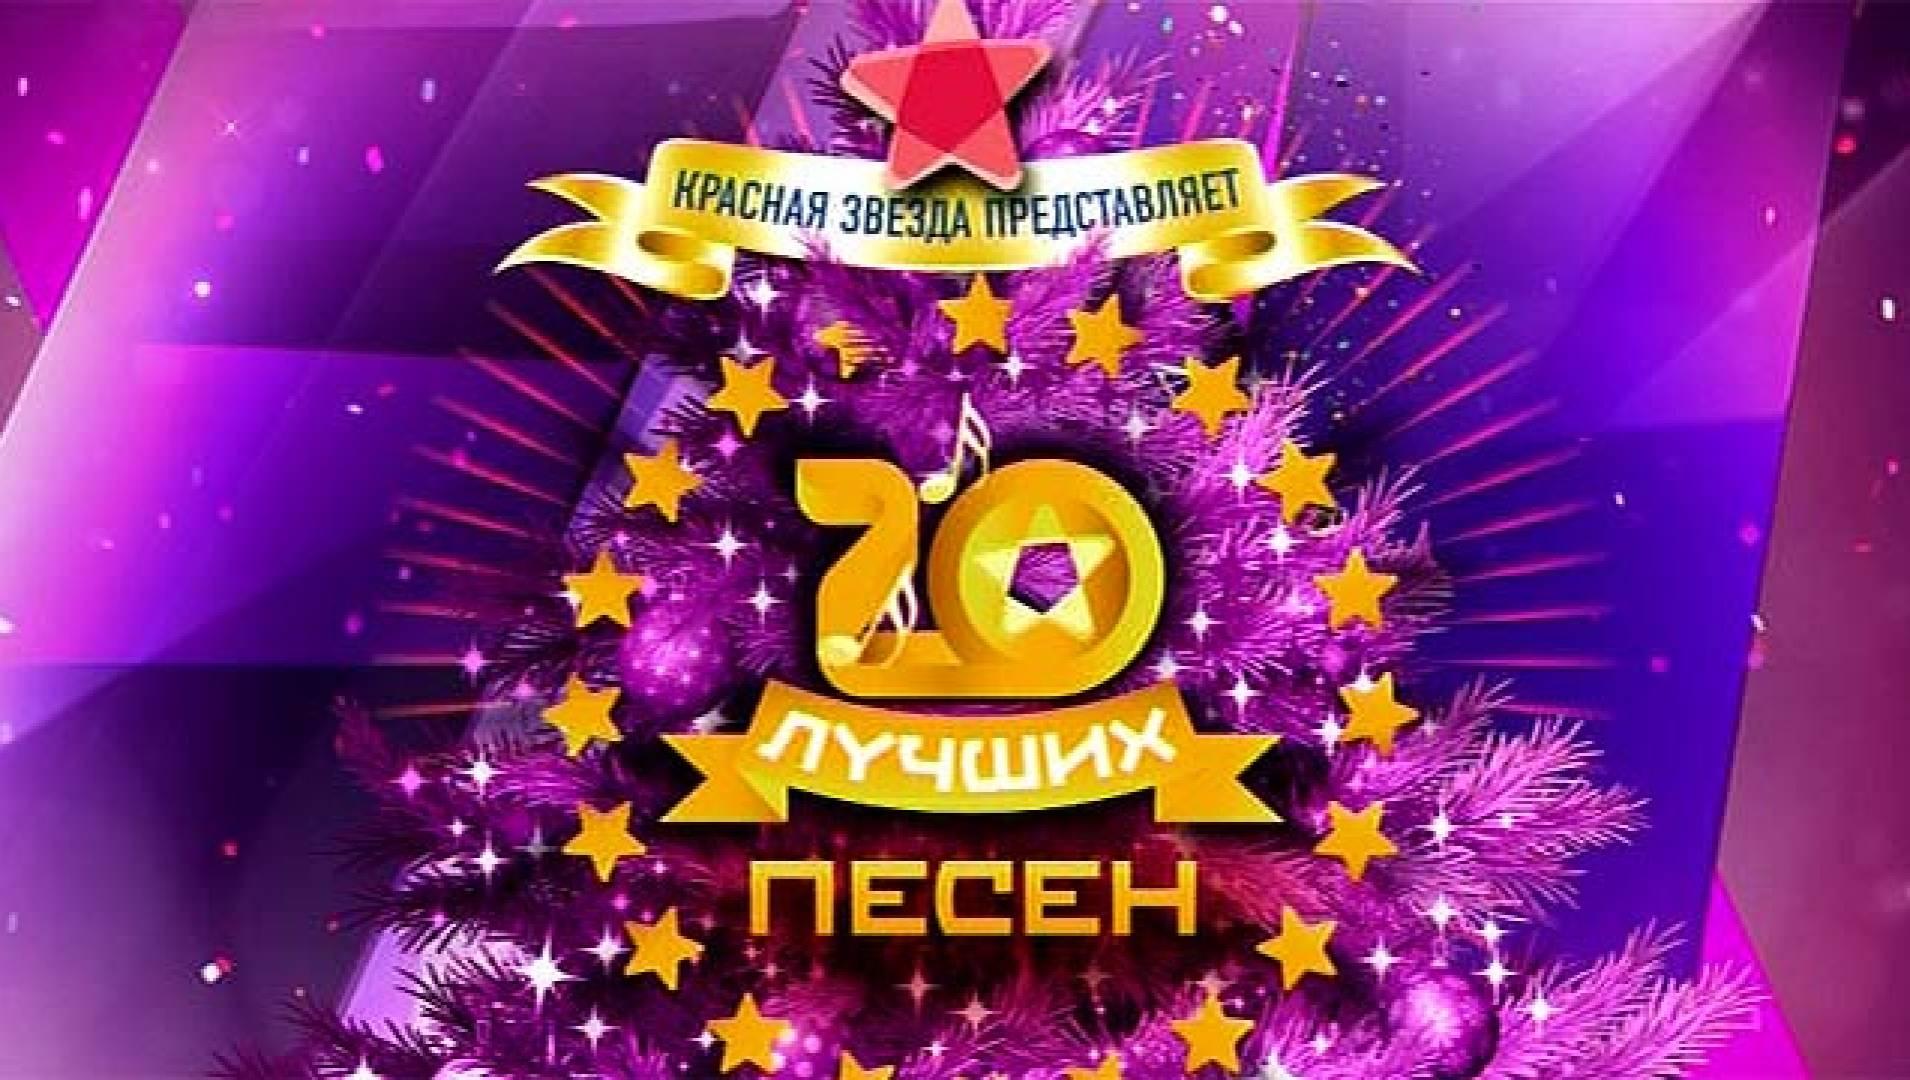 Красная звезда.  20 лучших песен 2013 года - Концерт